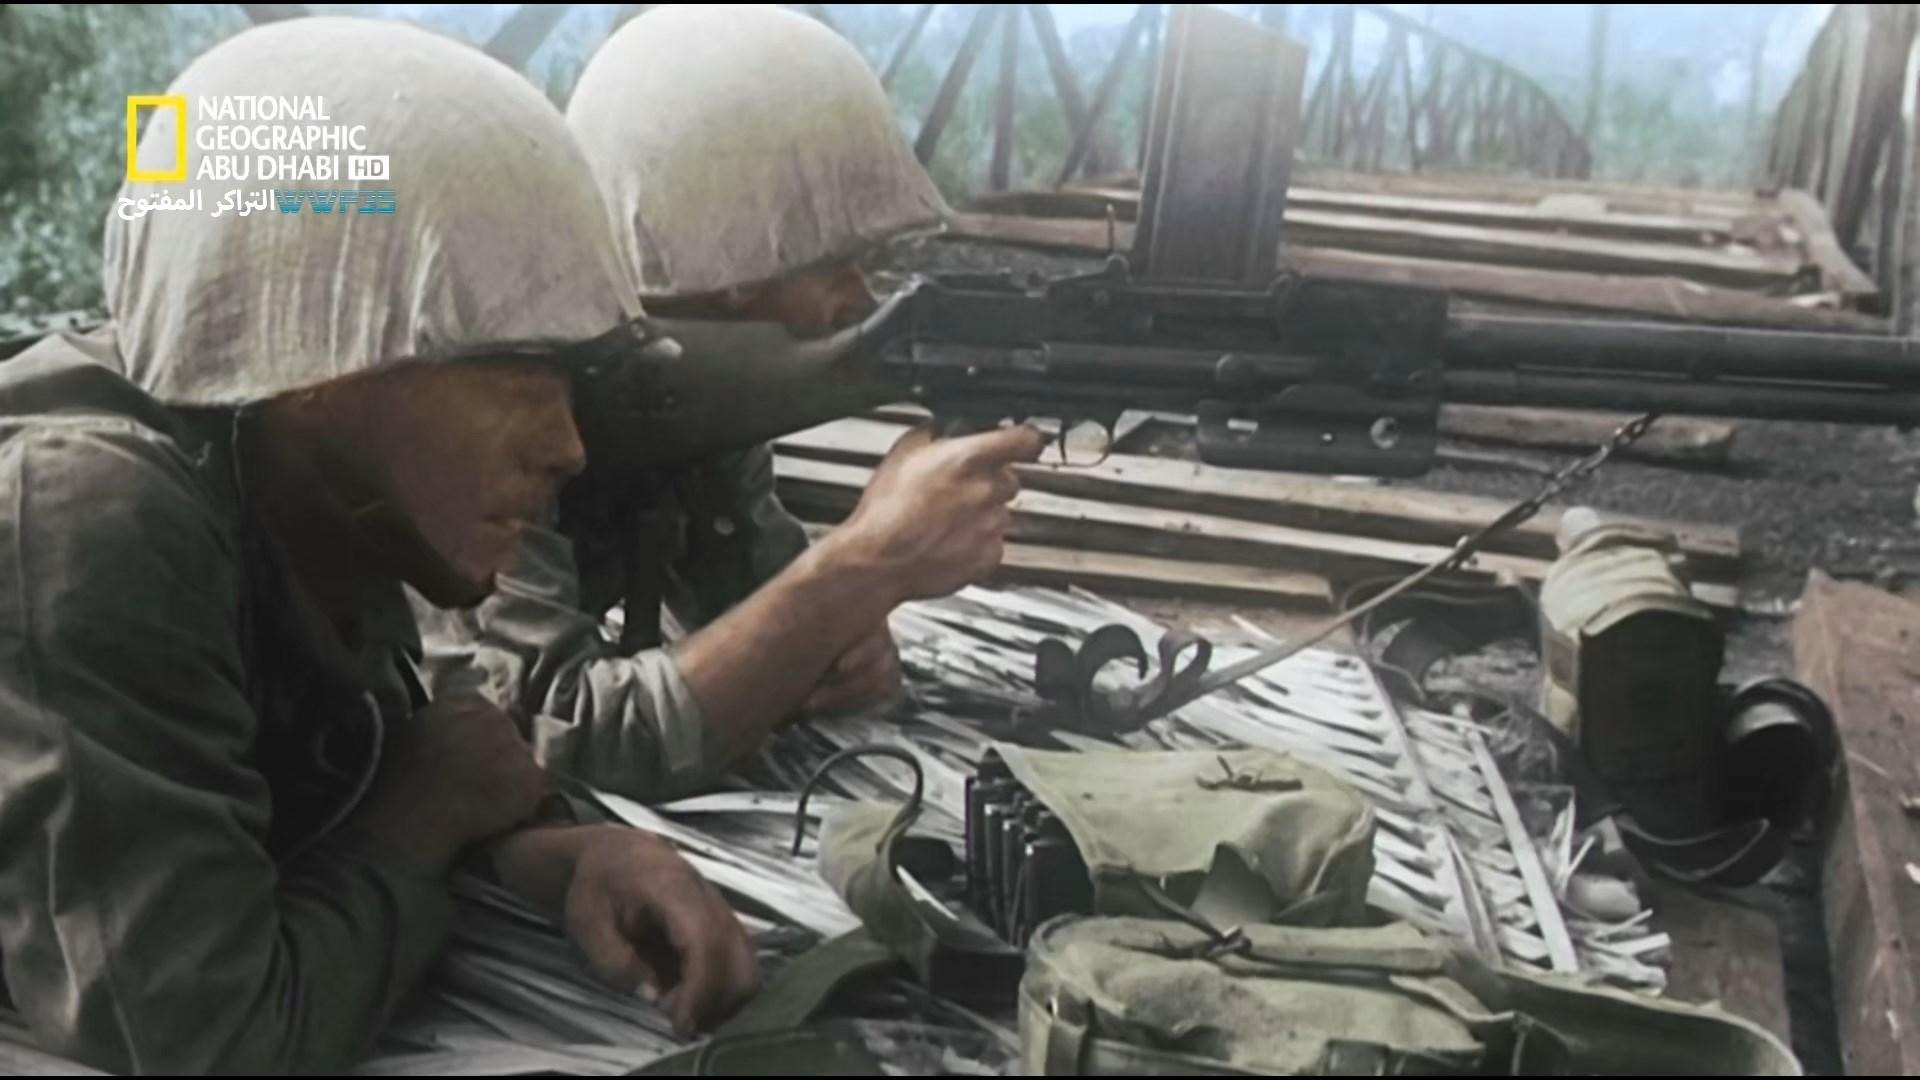 الحلقة الأولى نهاية العالم: حرب العوالم {1991-1945}APOCALYPSE: WAR OF WORLDS [مدبلج] [1080p] تحميل تورنت 4 arabp2p.com